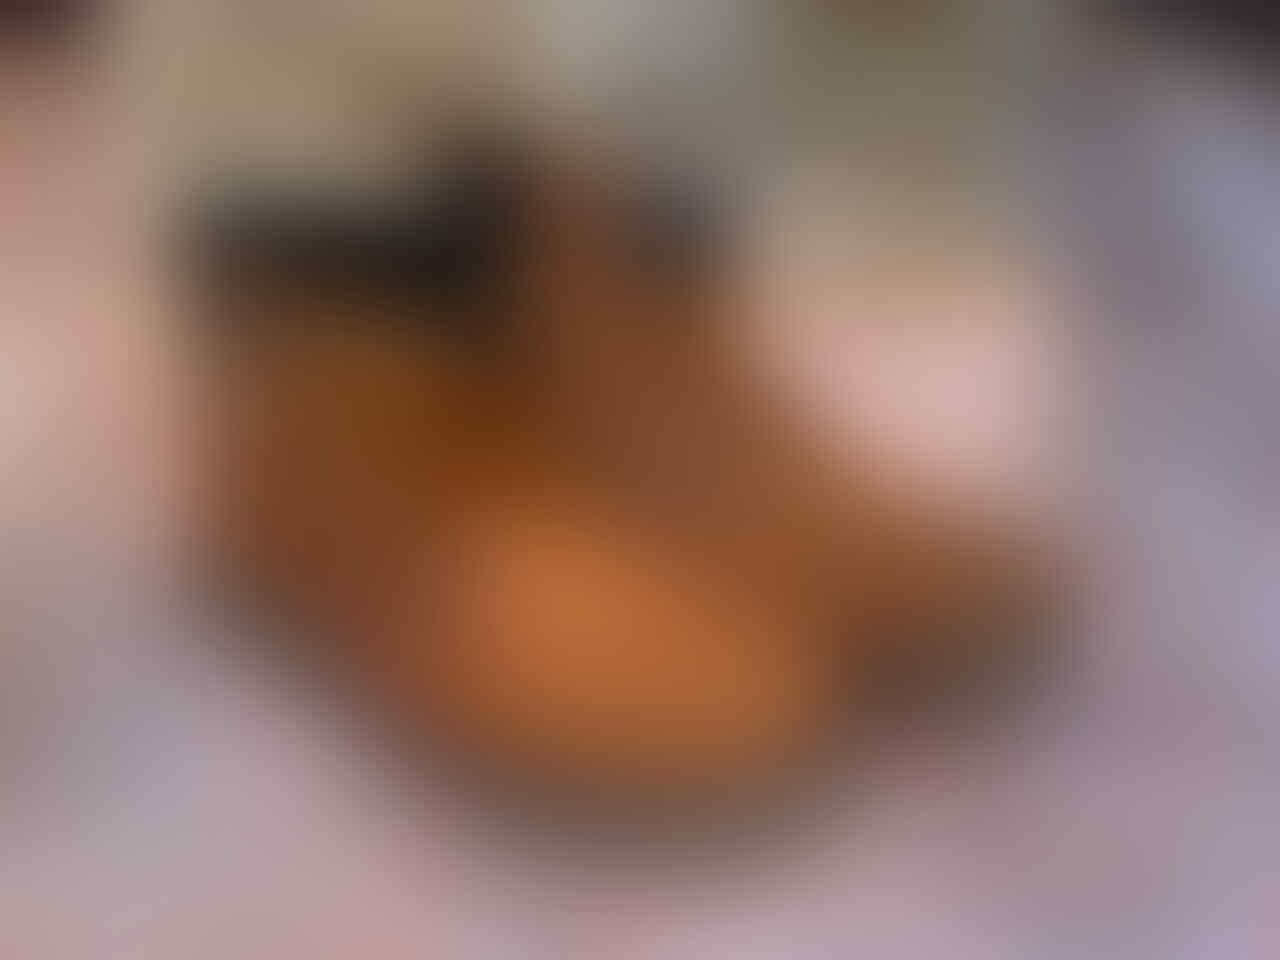 Terjual sepatu boot Levis d5efe91ad8